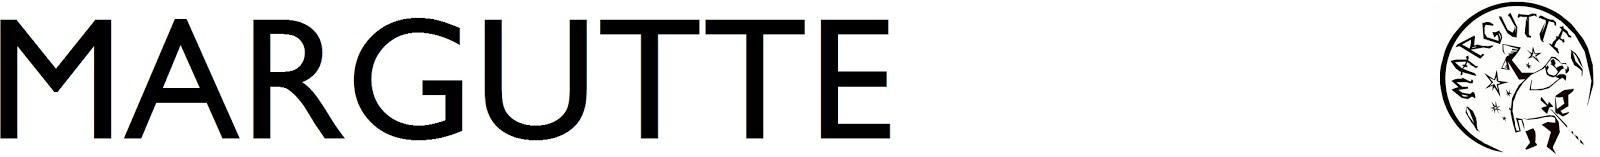 MARGUTTE.com (2016)